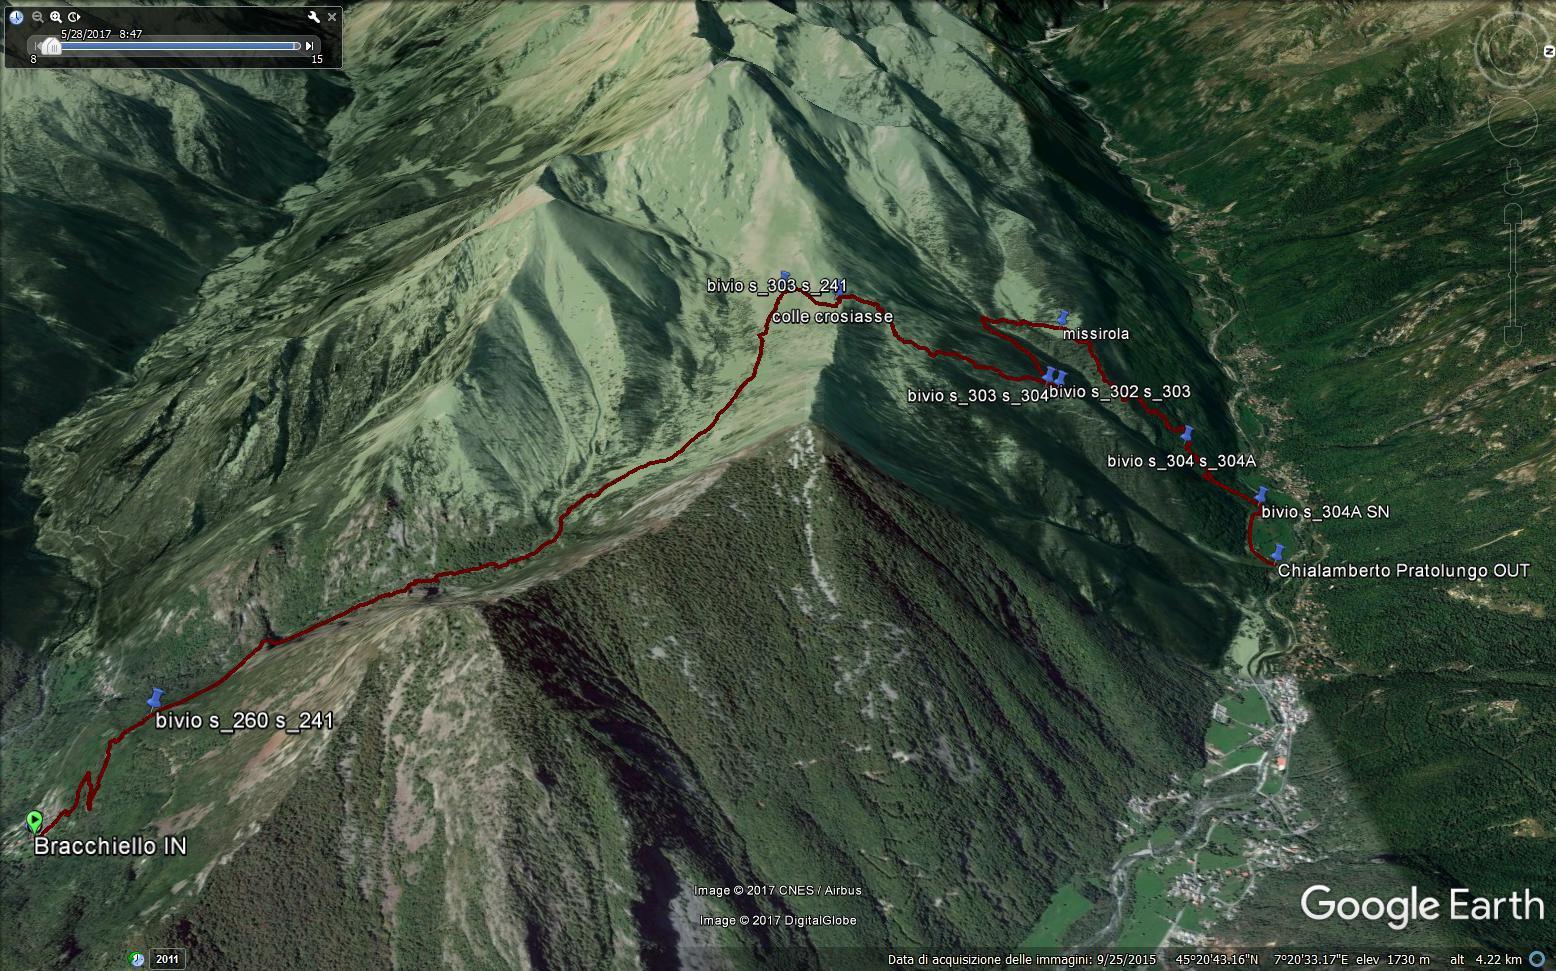 google gps trak image. Immagine del percorso.